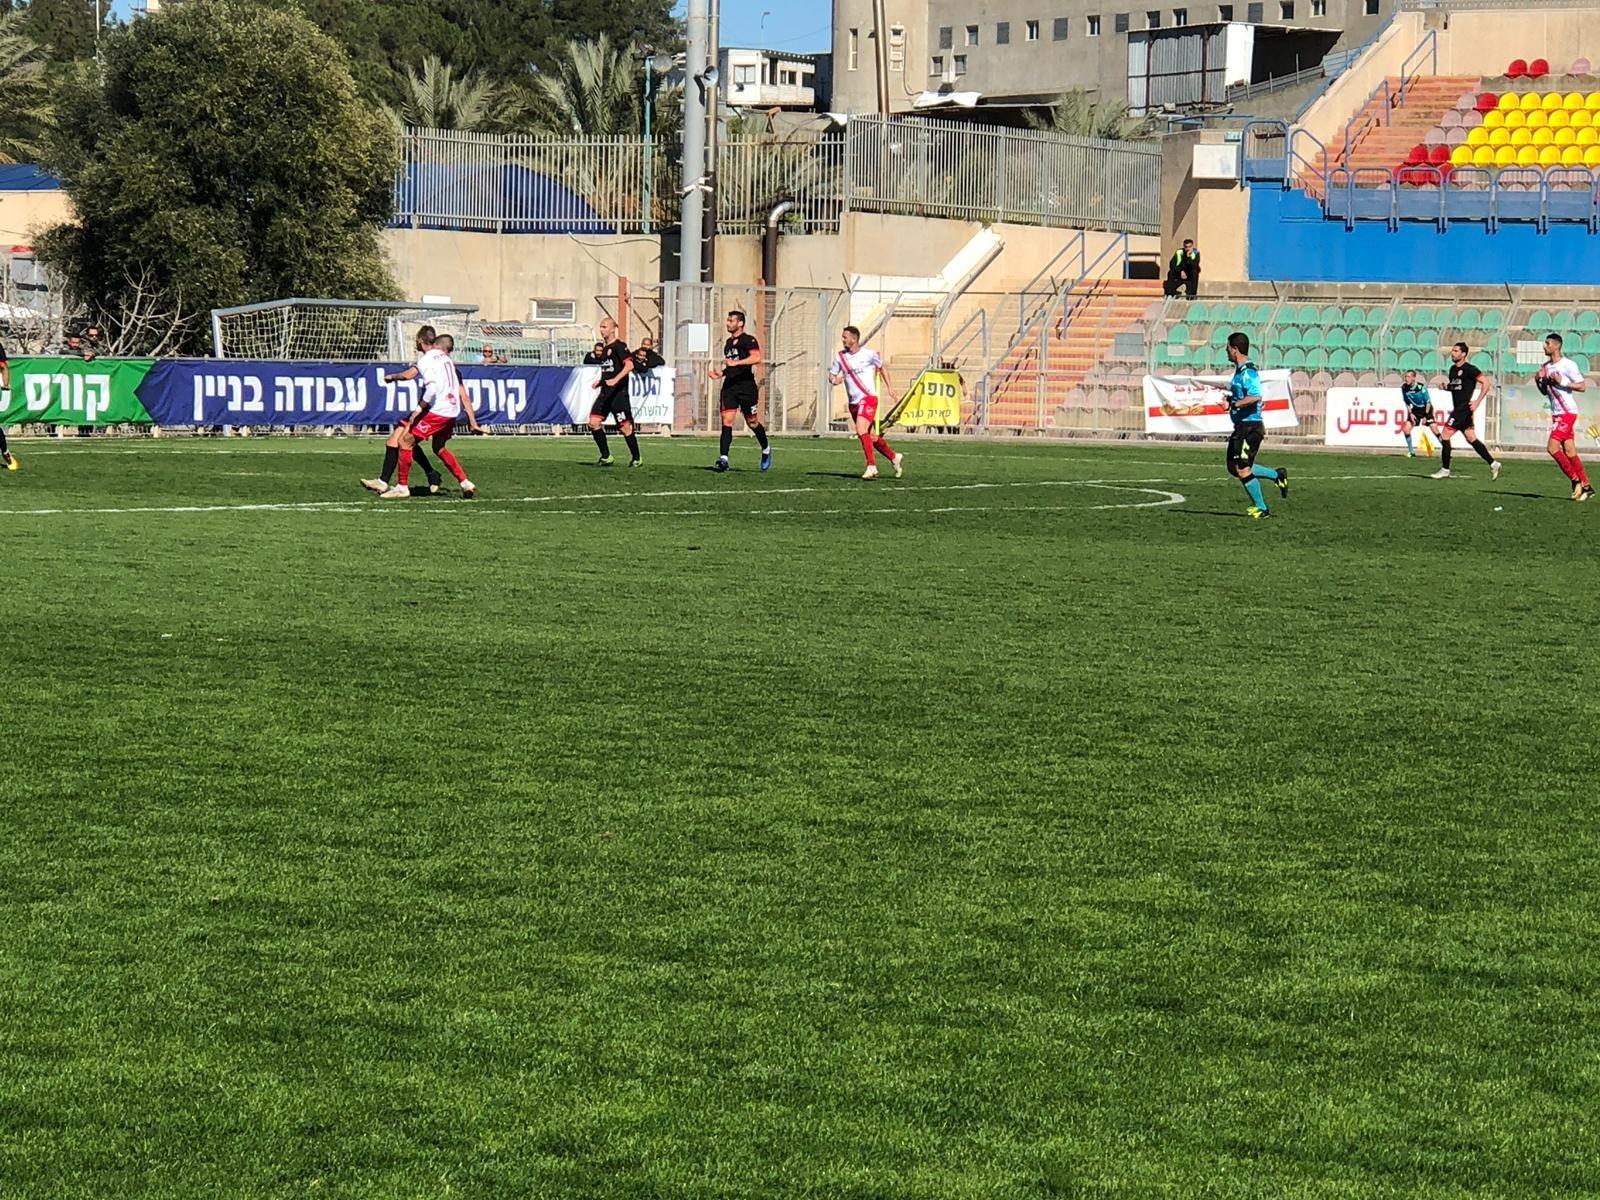 هـ. ام الفحم يفوز على روبي شابيرا بنتيجة 2-1 ويحافظ على الصدارة